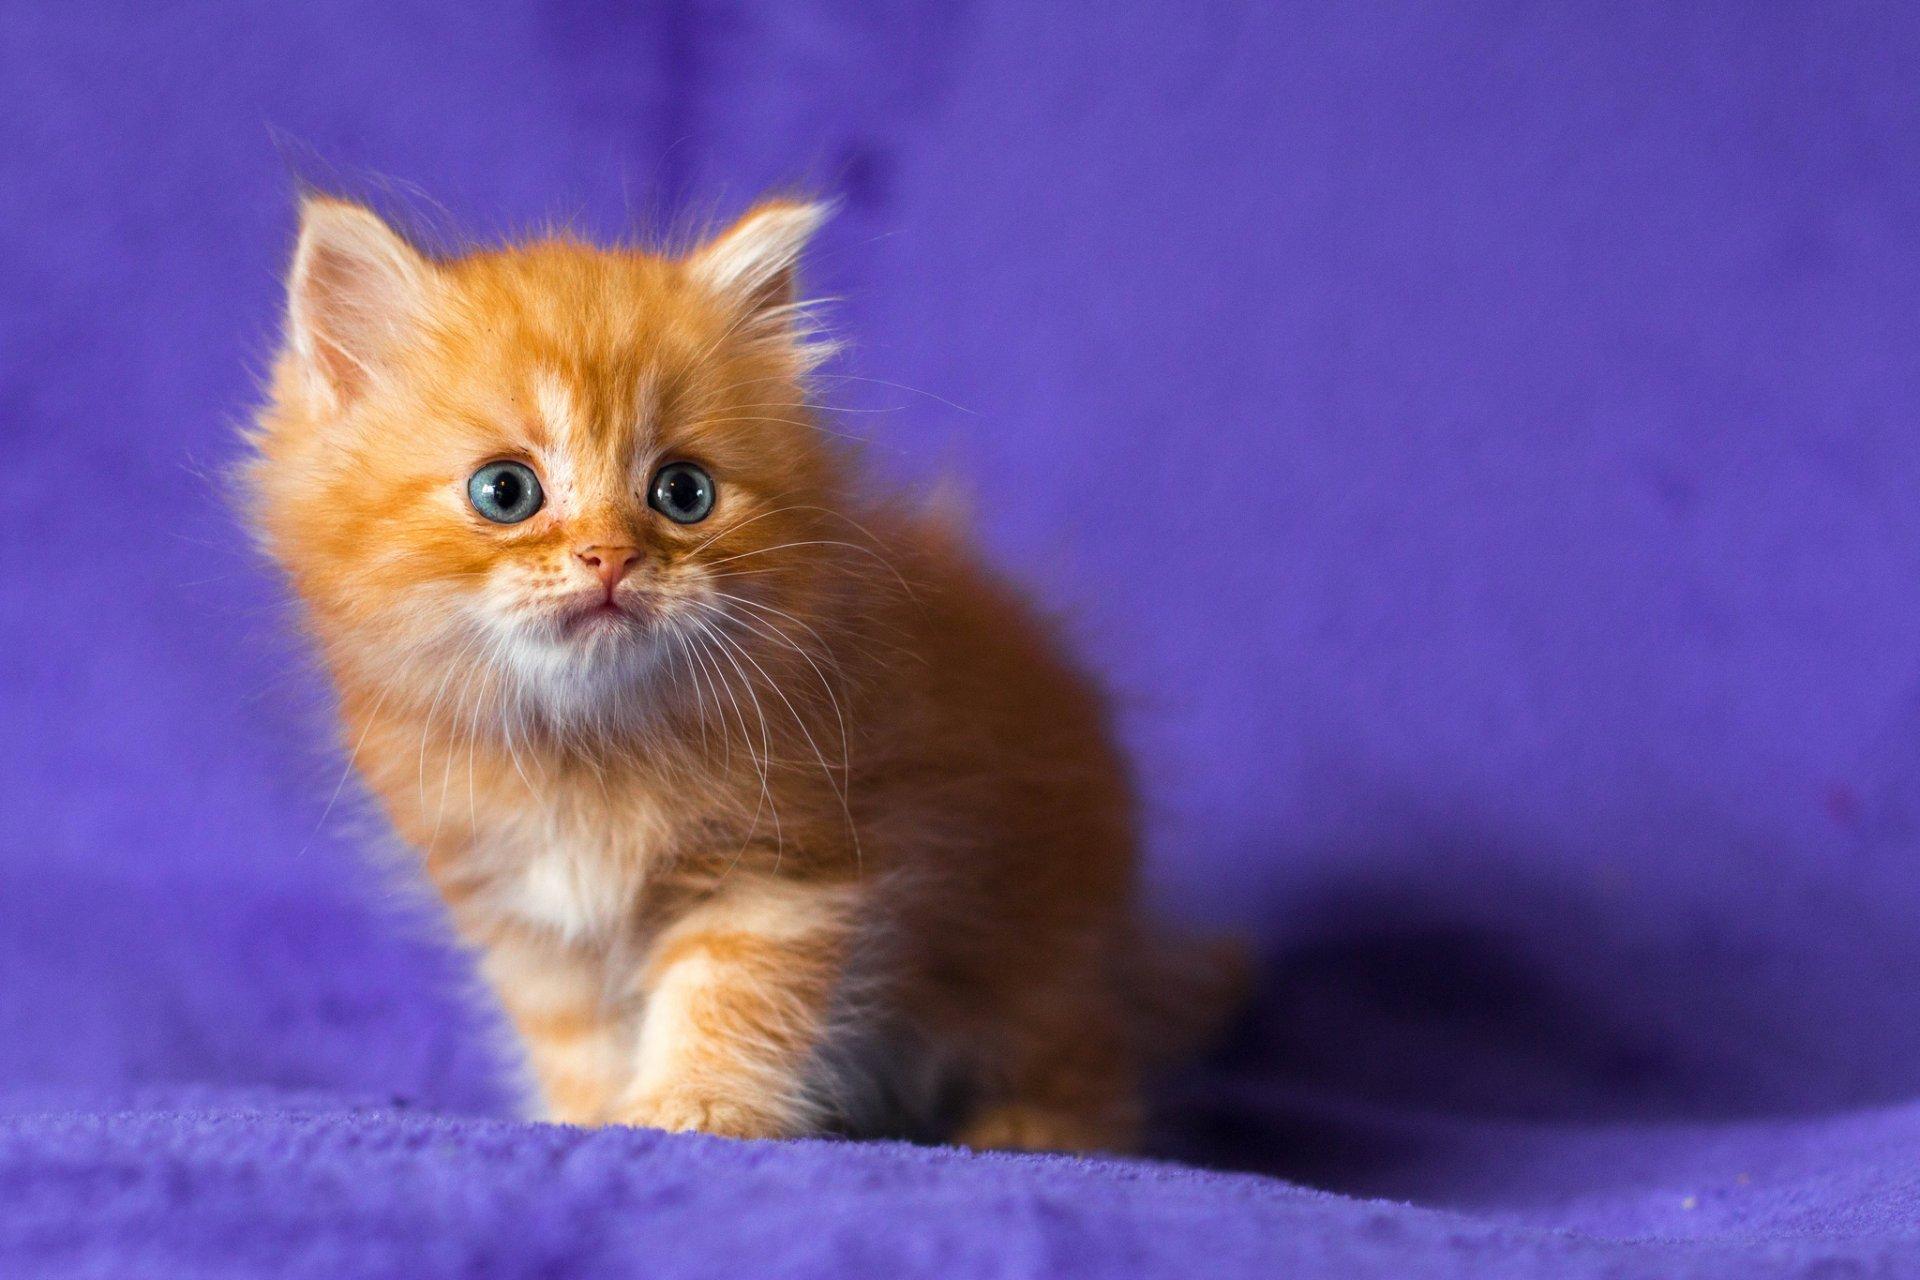 картинки рыжего котенка видите, осы питаются